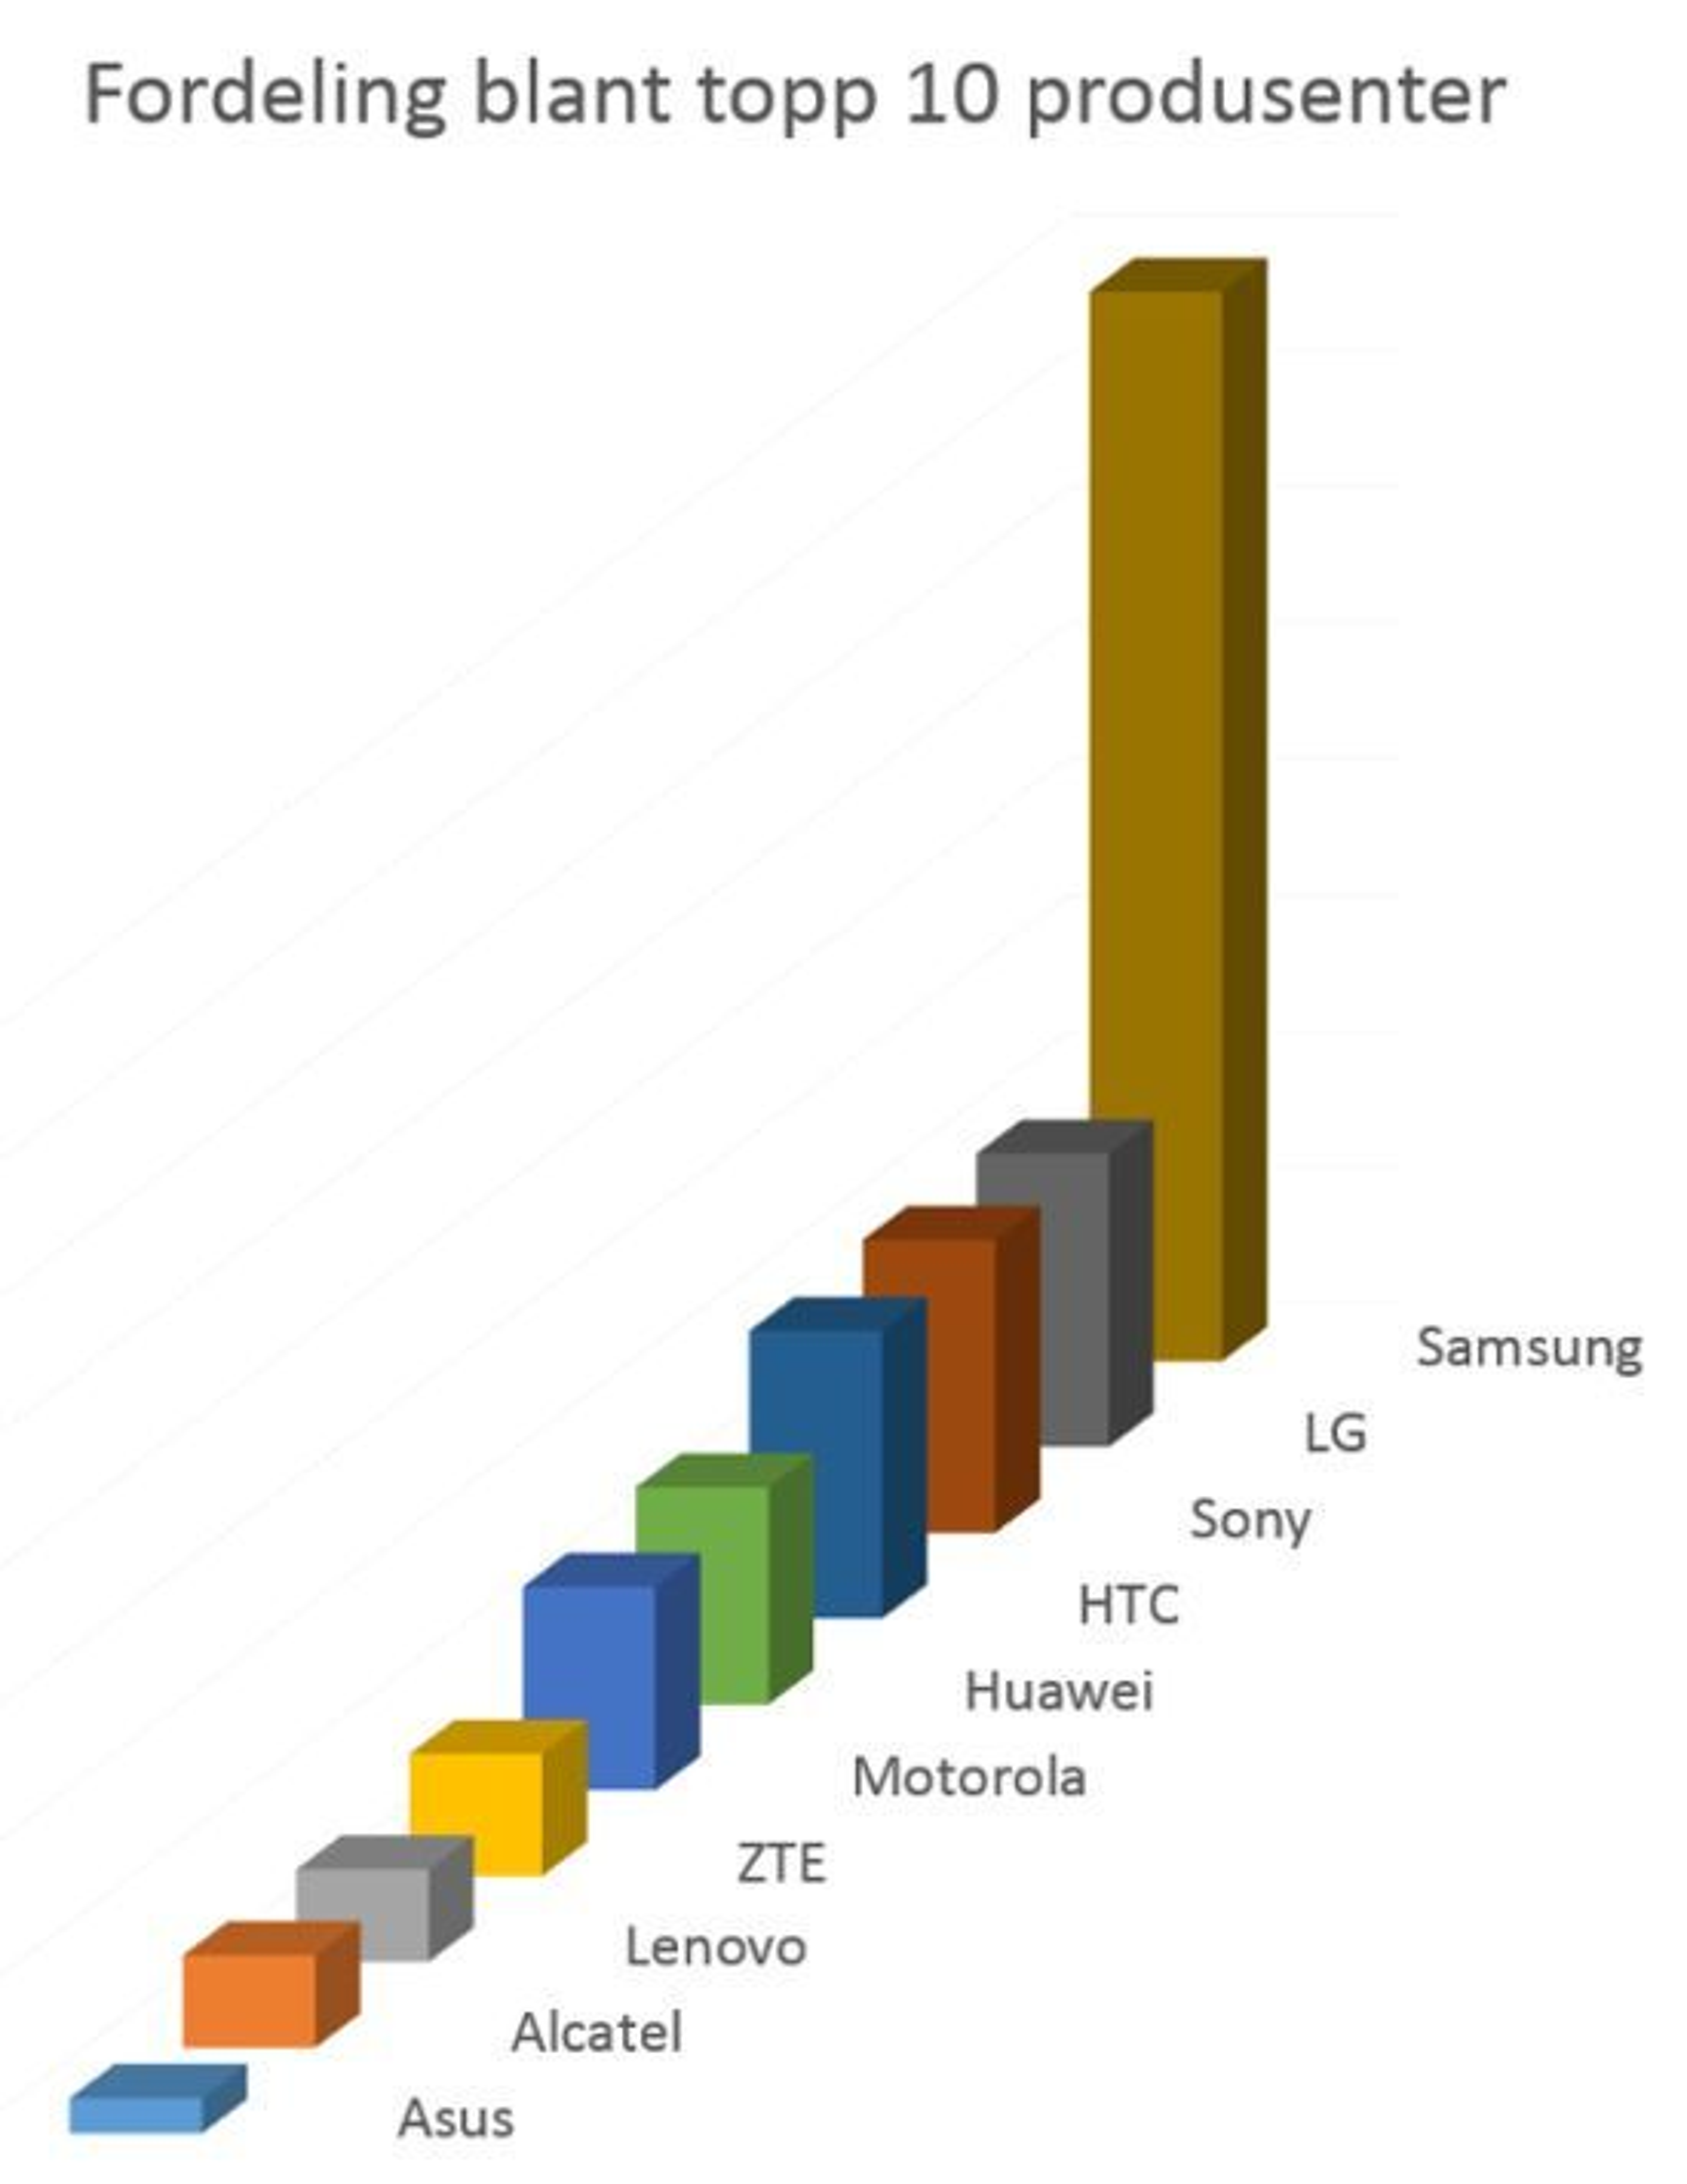 Figuren viser fordelingen mellom de 10 største produsentene. LG, Sony og HTC har sammen 32 prosent  av markedet, mens Samsung alene eier 39 prosent . De resterende produsentene deler i underkant av en tredjedel. Satsingen til de kinesiske selskapene Huawei og LTE i Norge vises tydelig. Sammen tar de 11,5 prosent  av markedet.